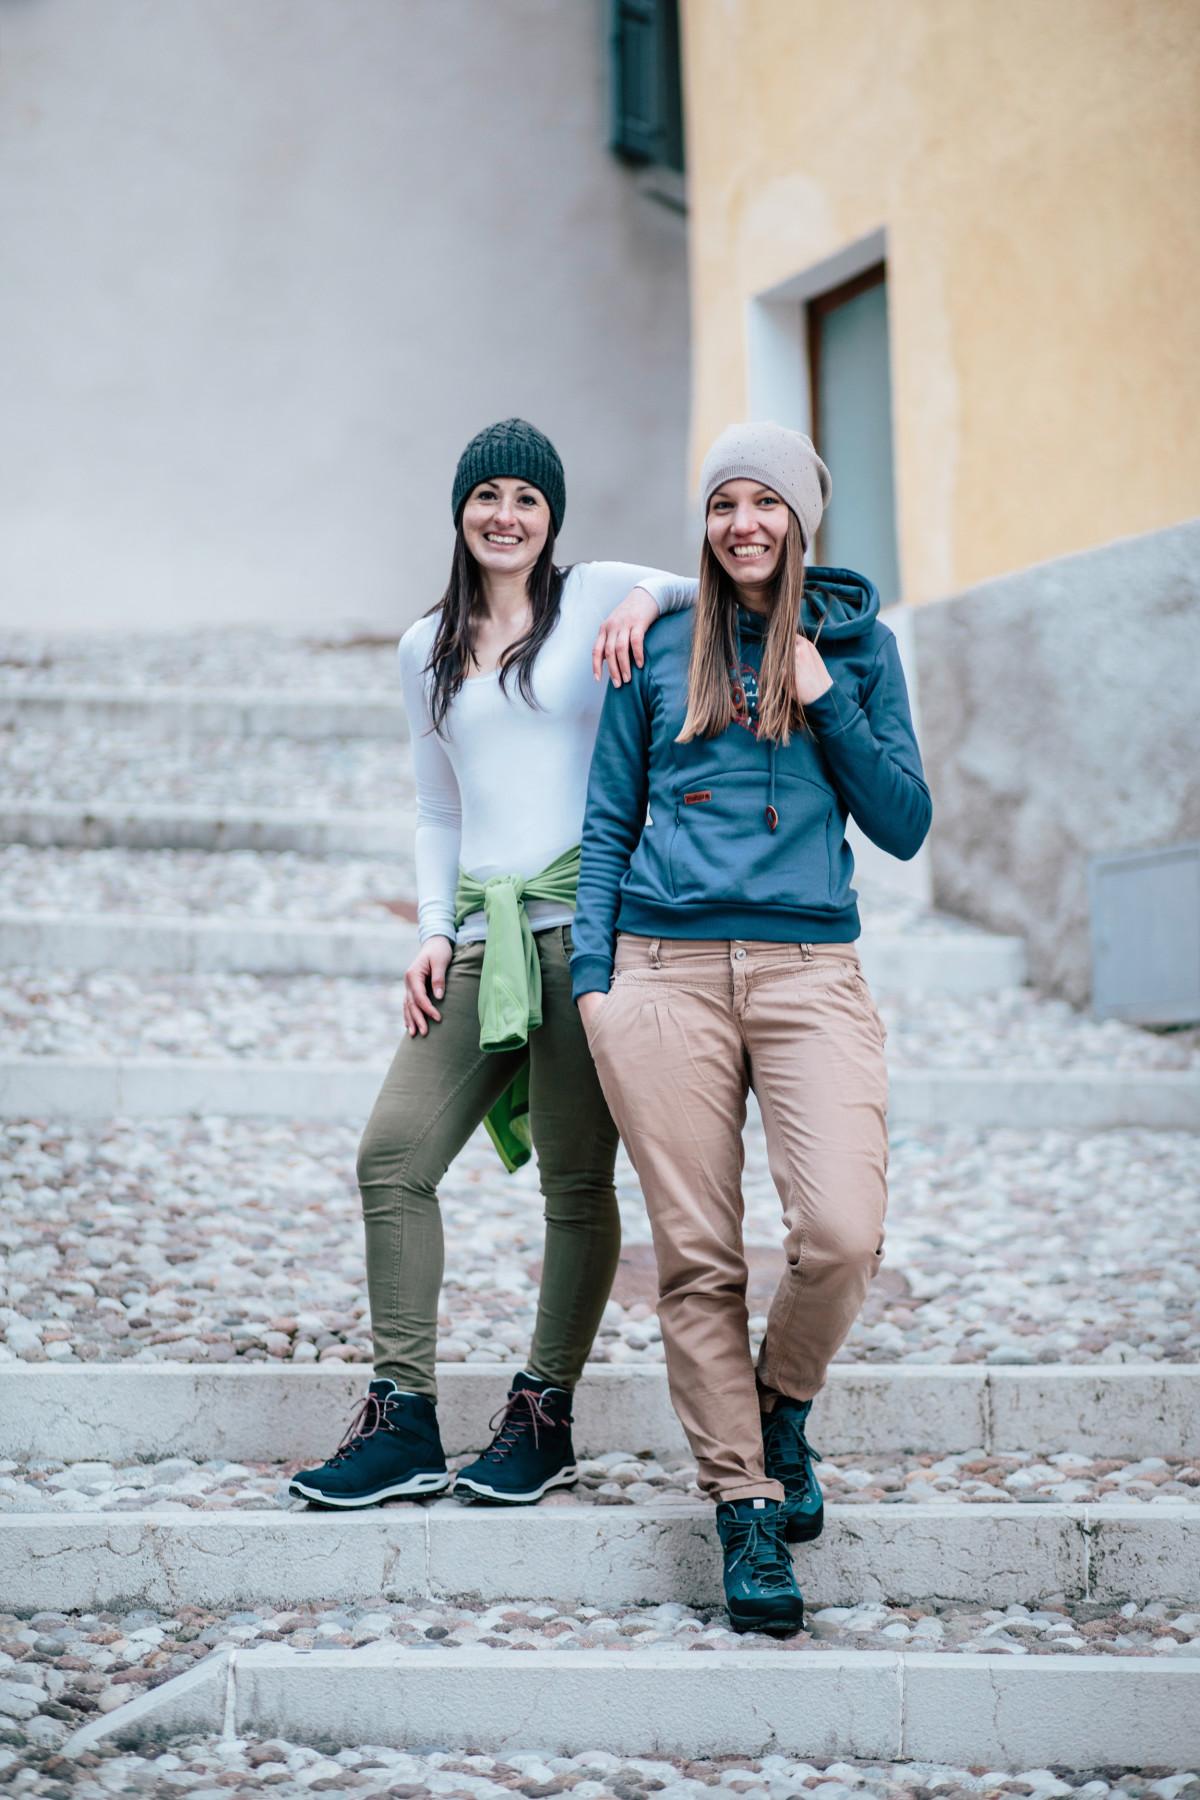 Con il modello LOCARNO GTX® QC Ws si può passare da una breve passeggiata a una lunga camminata per la città. La goffratura di tendenza sulla pelle di alta qualità, la fodera in Gore-Tex®, una struttura ridotta LOWA MONOWRAP® di nuova concezione e un'intersuola ammortizzante in DynaPU® fanno di questa calzatura da donna di tendenza una scarpa versatile che soddisfa qualsiasi esigenza urbana. Inoltre, non ci sono ostacoli a una breve escursione tra foreste e prati.